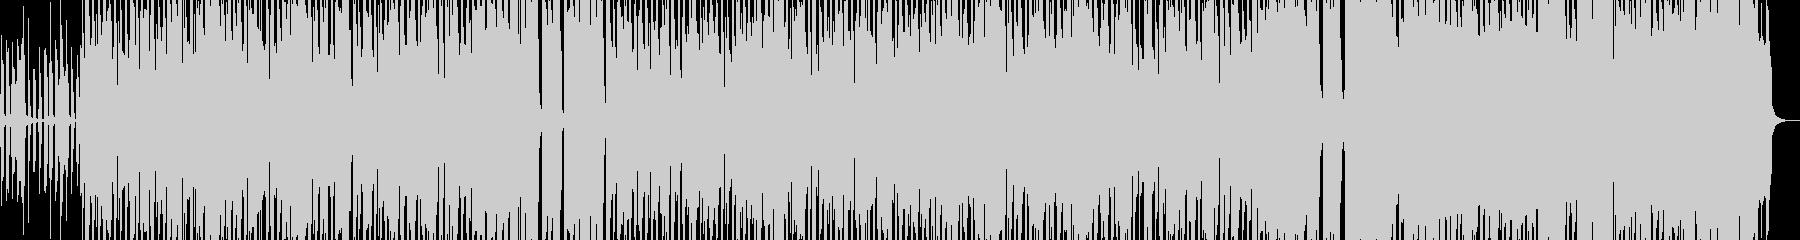 ポップ ロック ファンク コーポレ...の未再生の波形